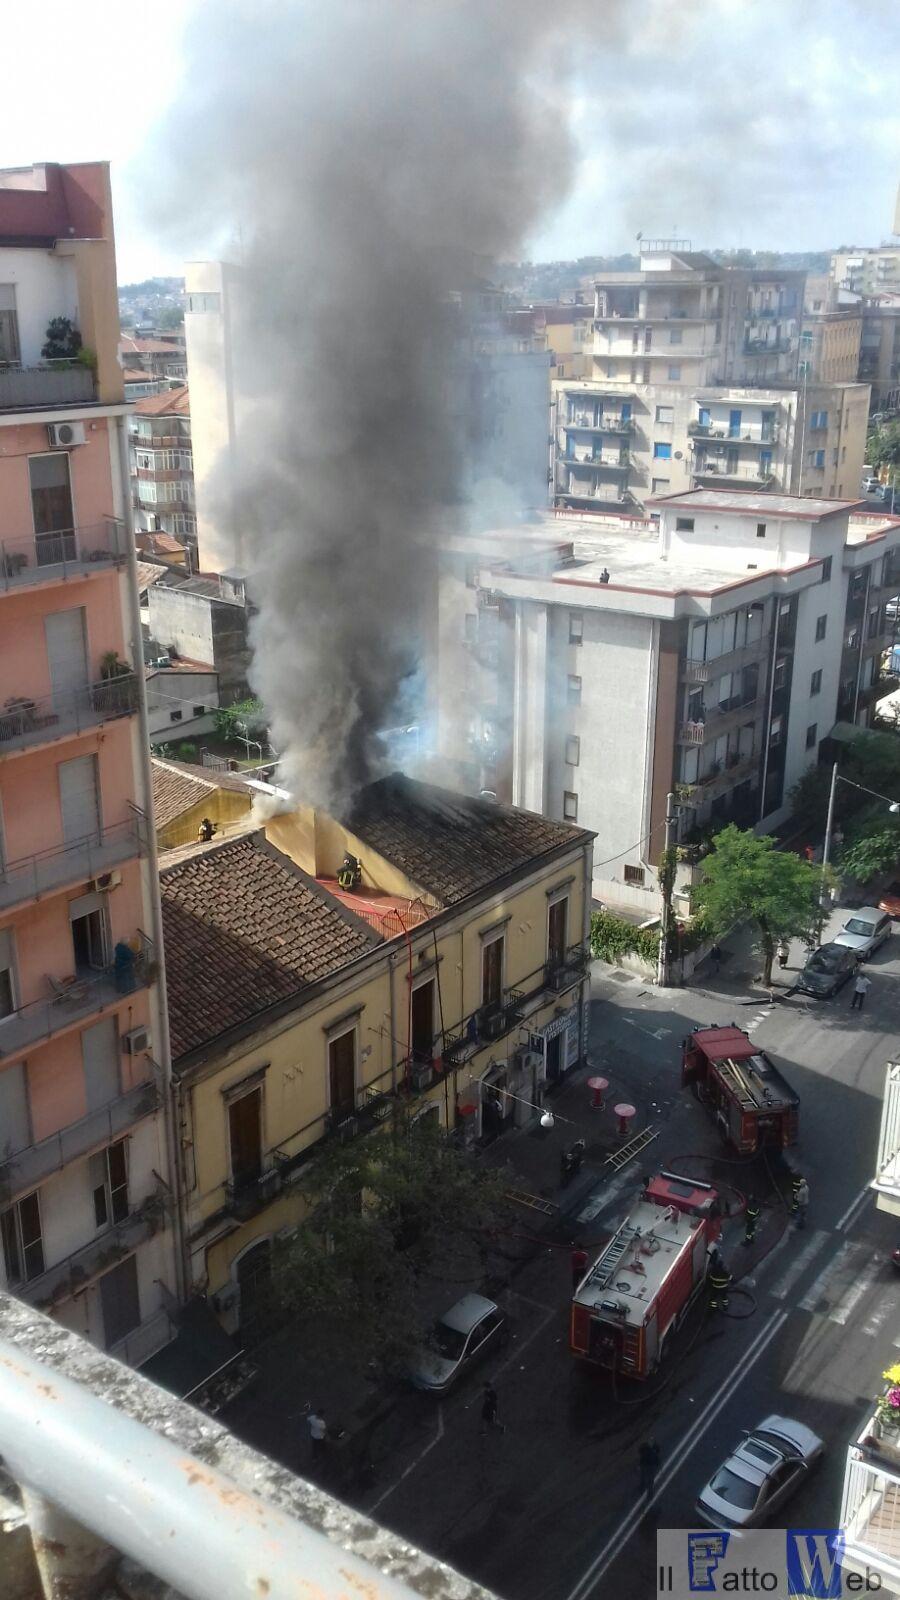 Incendio palazzina viale Mario Rapisardi, chiusi per sicurezza gli uffici comunali